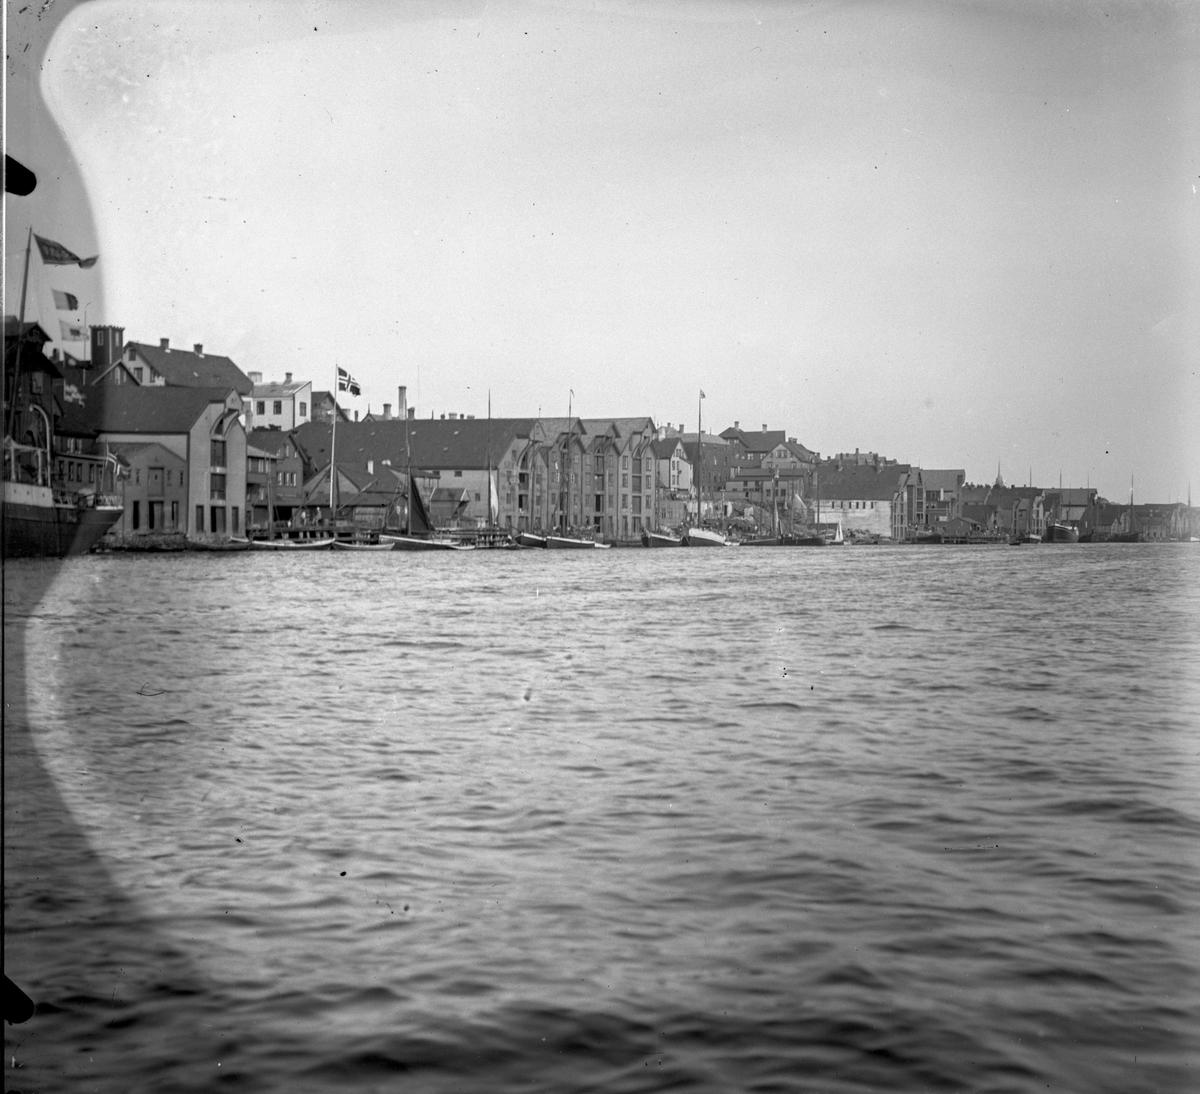 Kaien. Dampskip lengst til venstre.  Flere Fiskebåter, seilfartøy og et dampskip ankret opp ved kai i Smedasundet. Hus og andre bygninger i bakgrunnen. Flaggstang med norsk flagg.